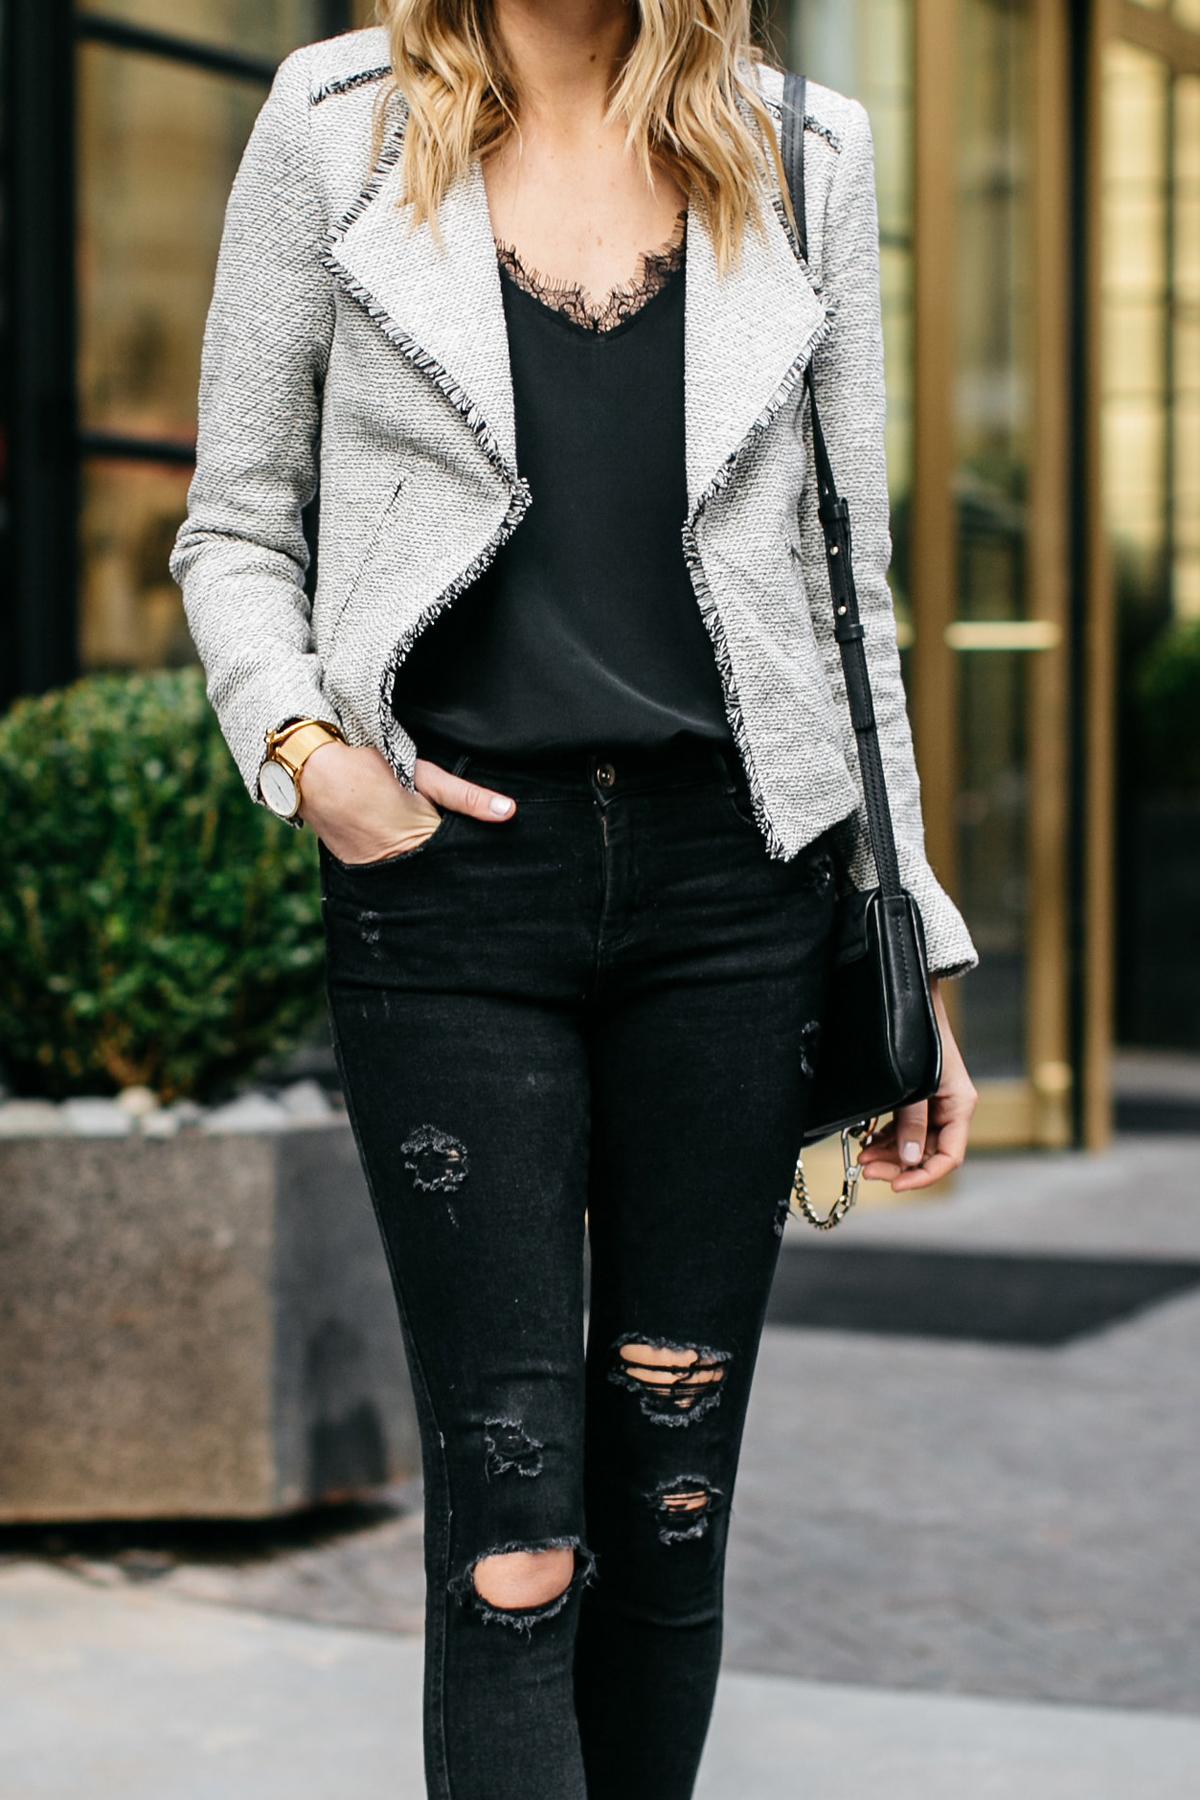 Fashion Jackson, Fringe Tweed Jacket, Black Lace Cami, Black Ripped Skinny Jeans